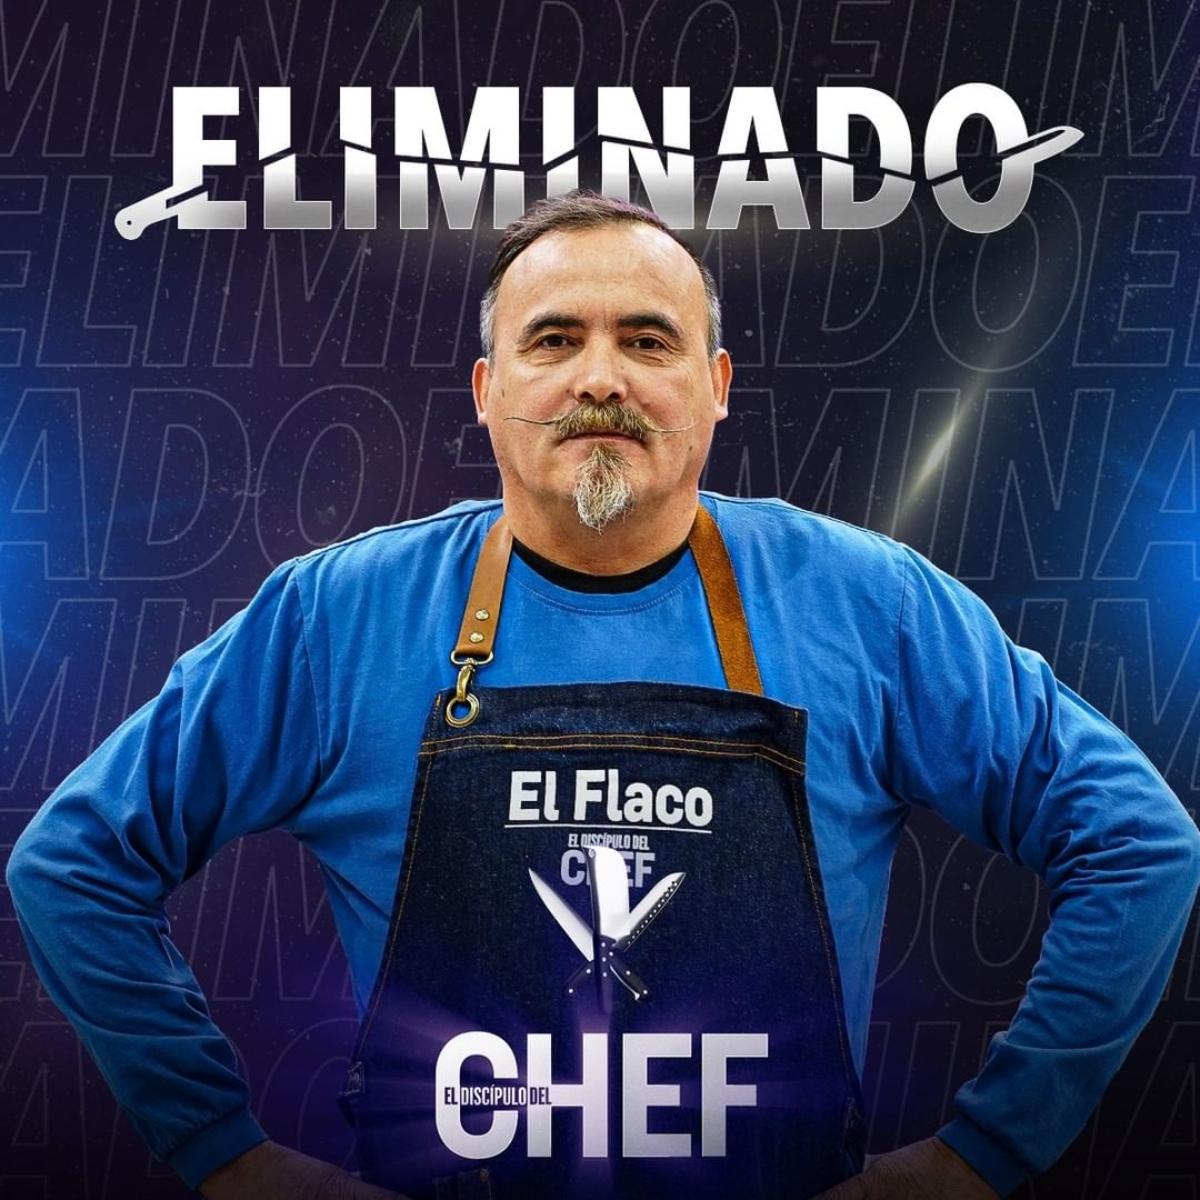 Eliminado El Discipulo Del Chef